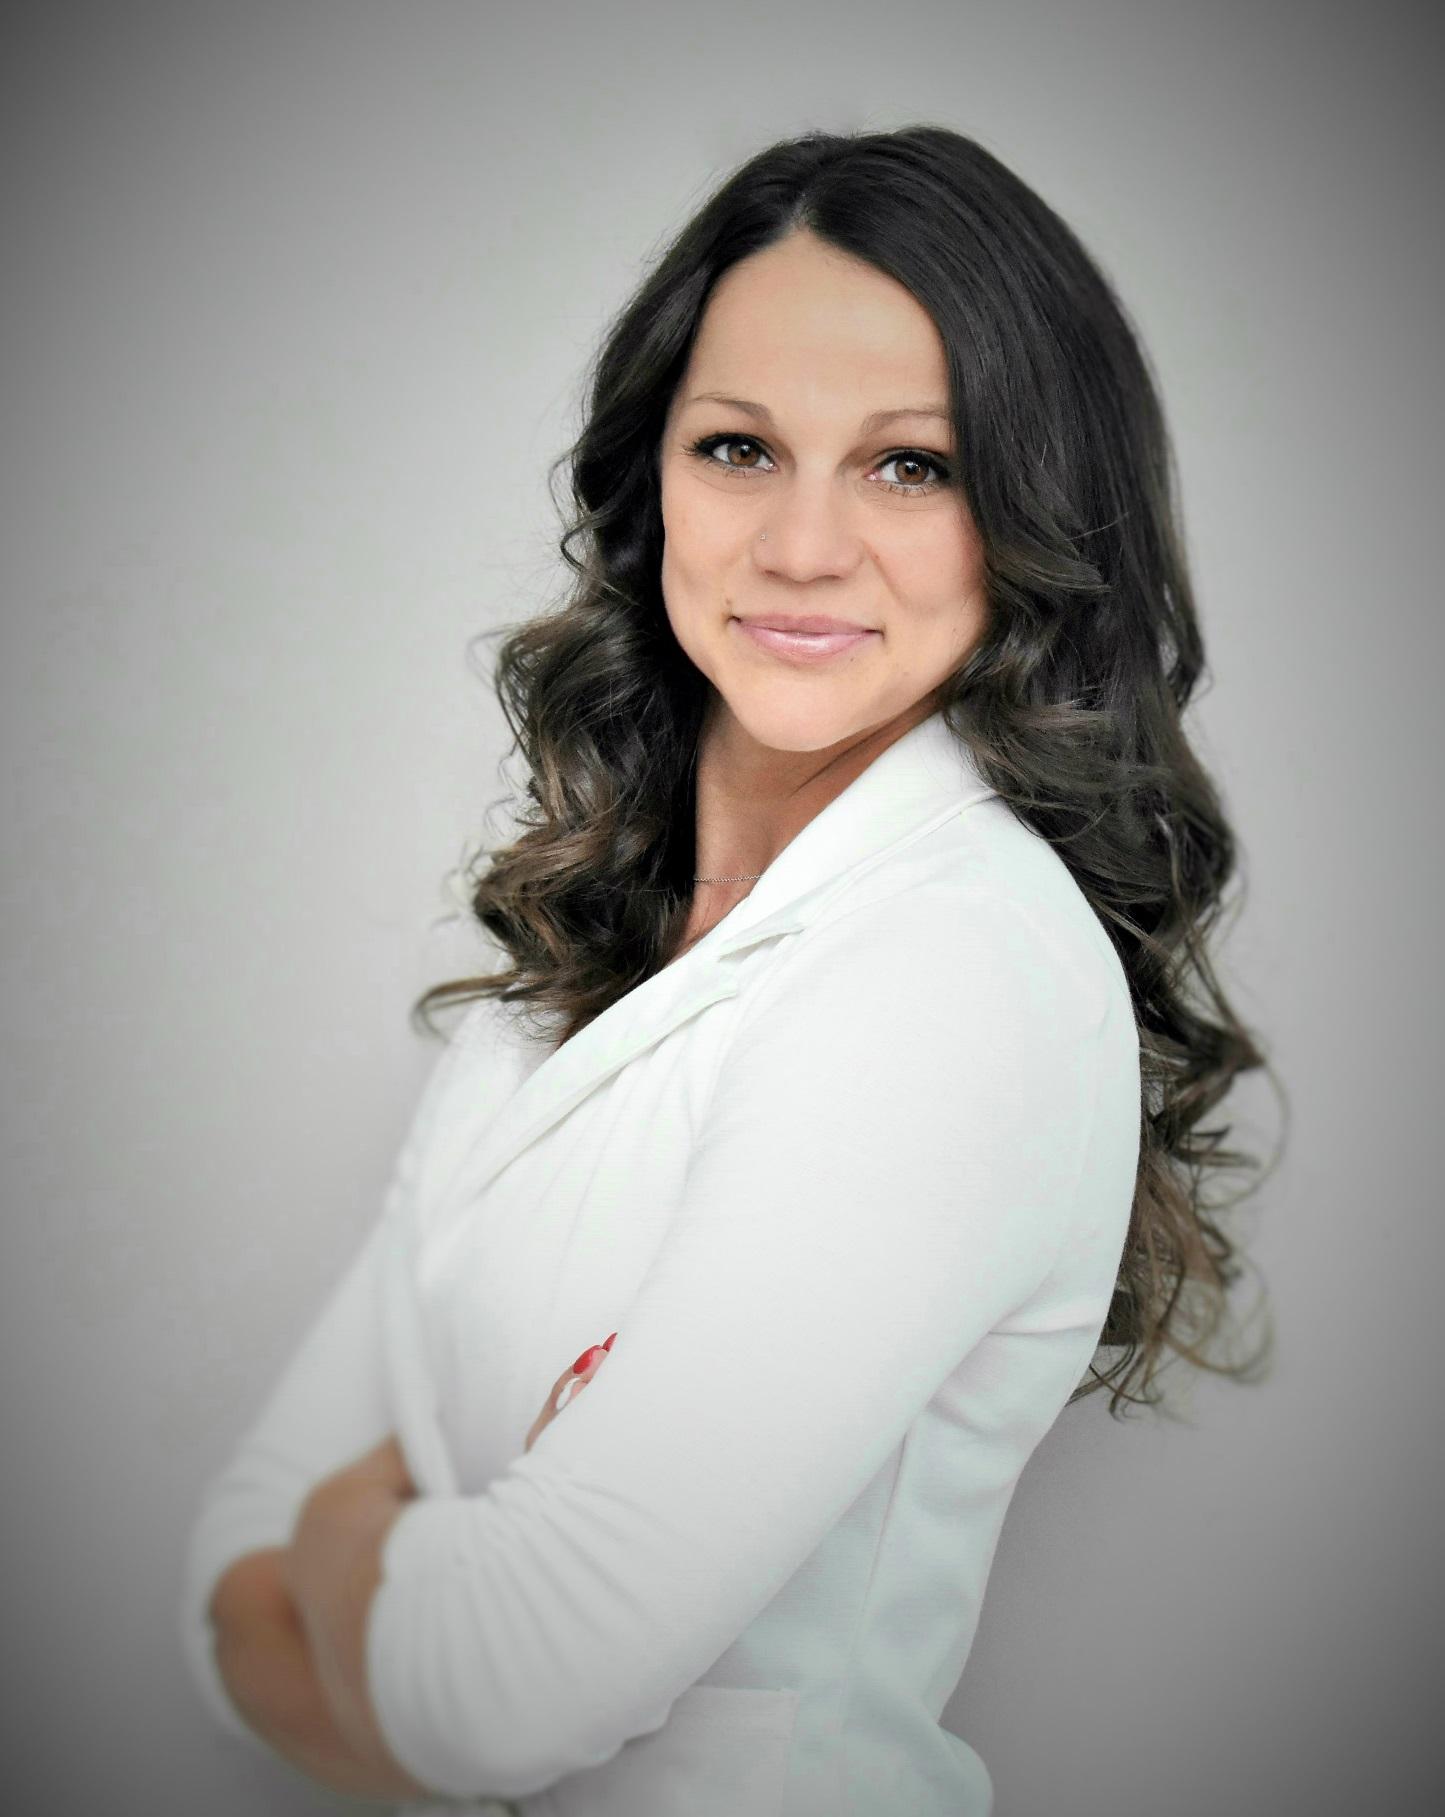 Kimberly Crane